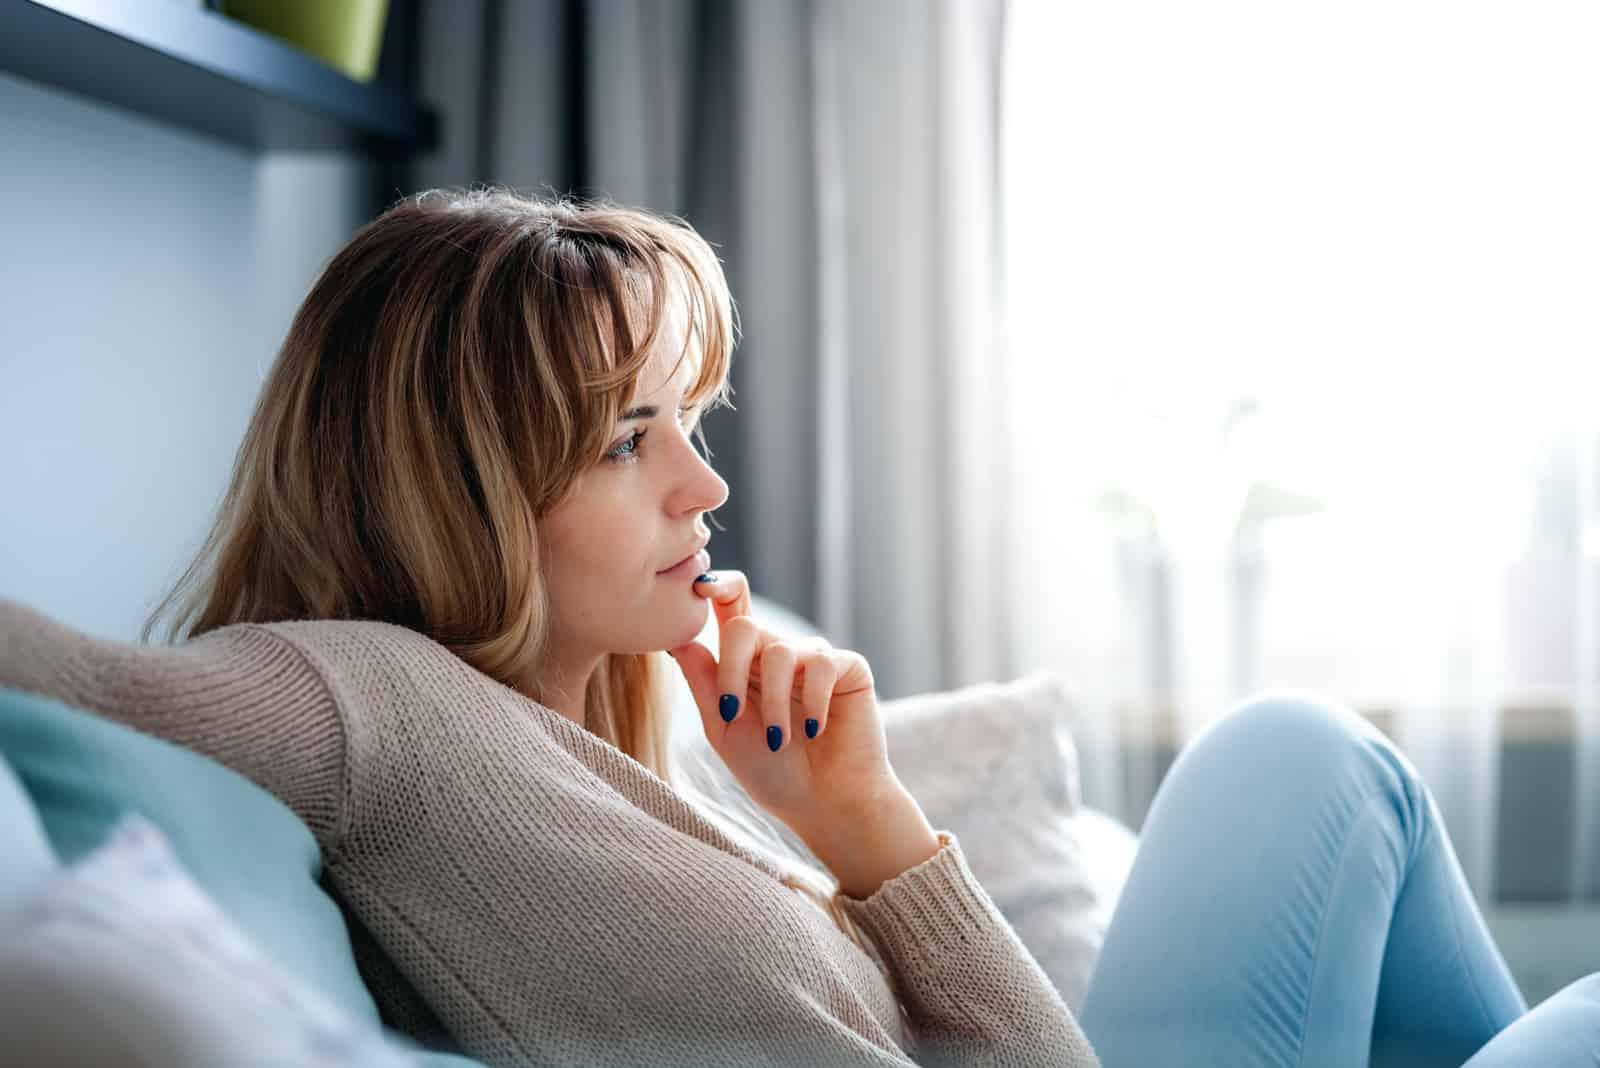 Auf der Couch sitzt die Blondine und denkt positiv